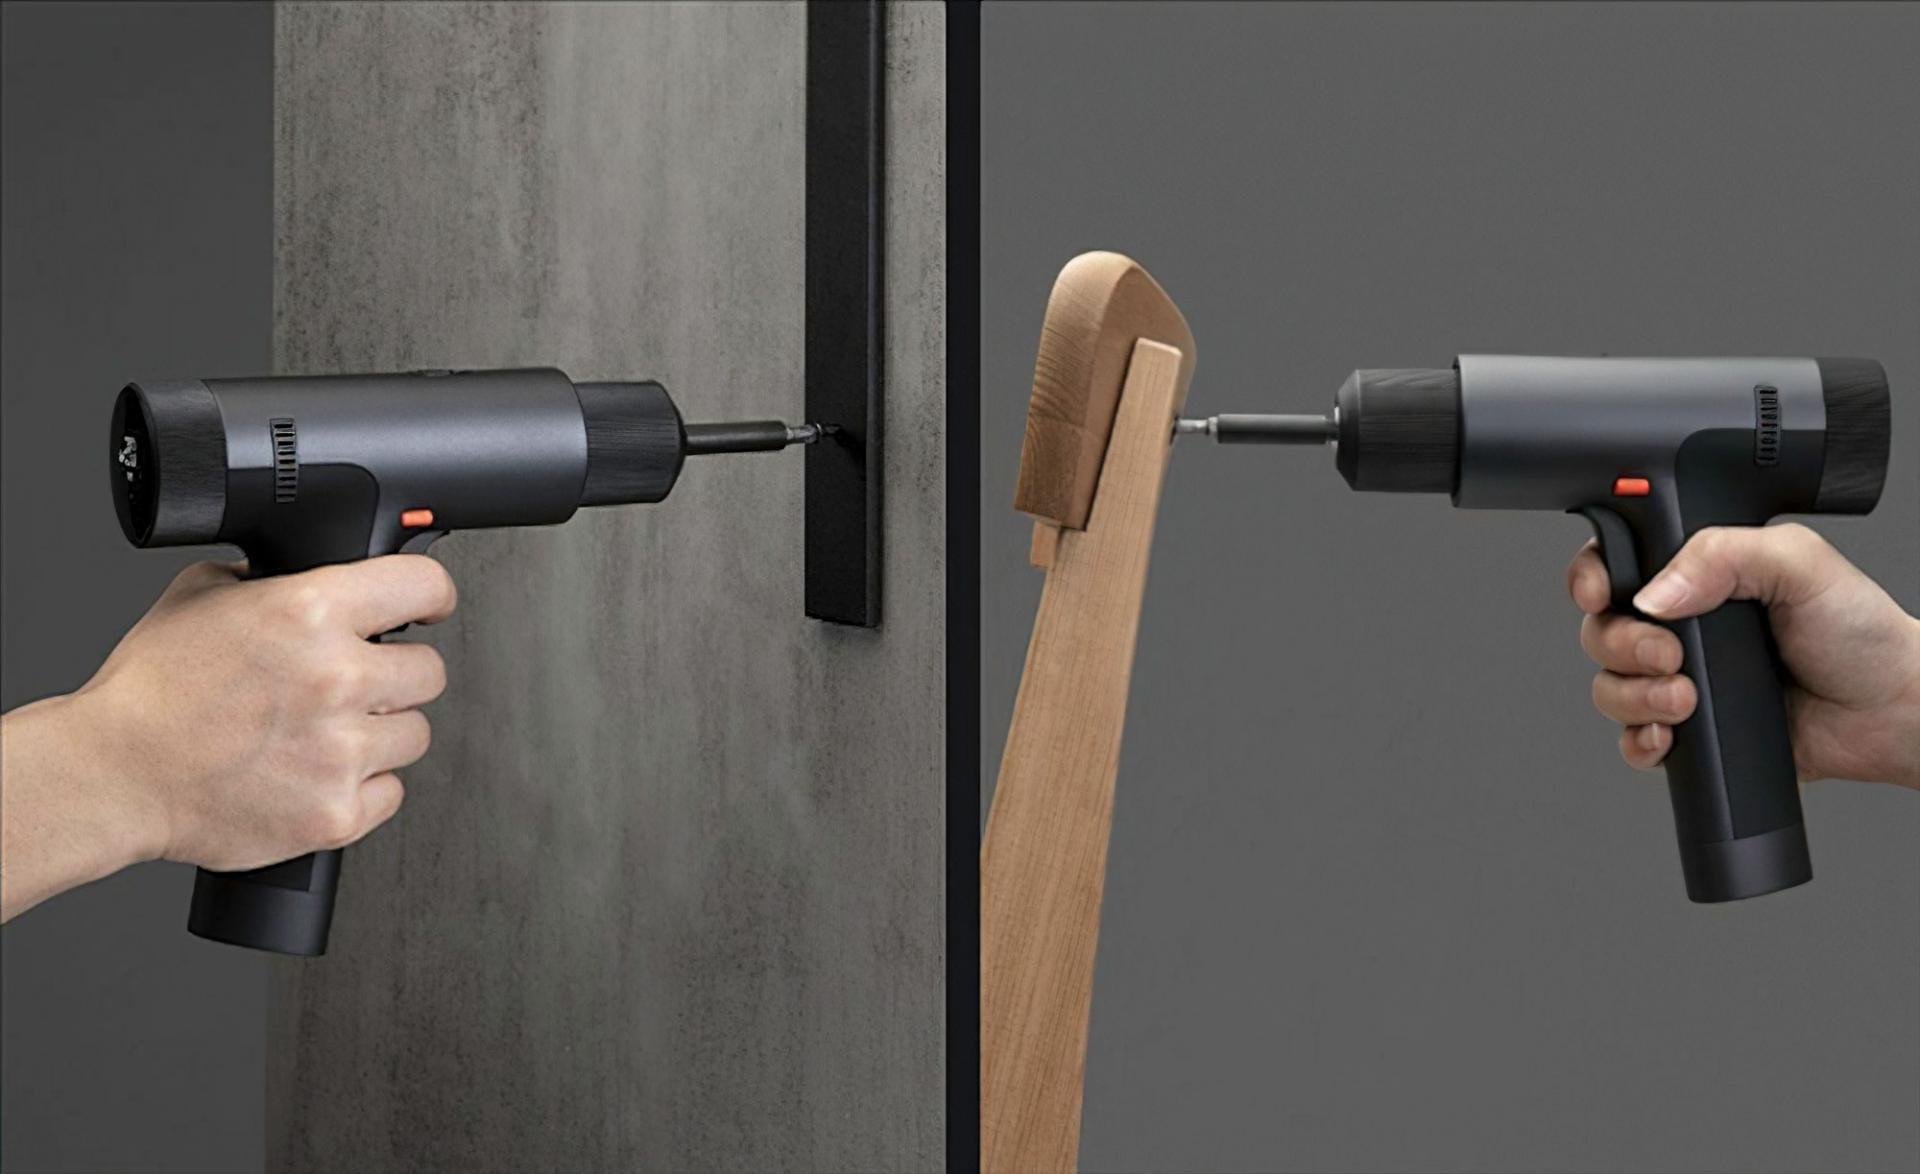 Xiaomi предложила умную электродрель-шуруповёрт